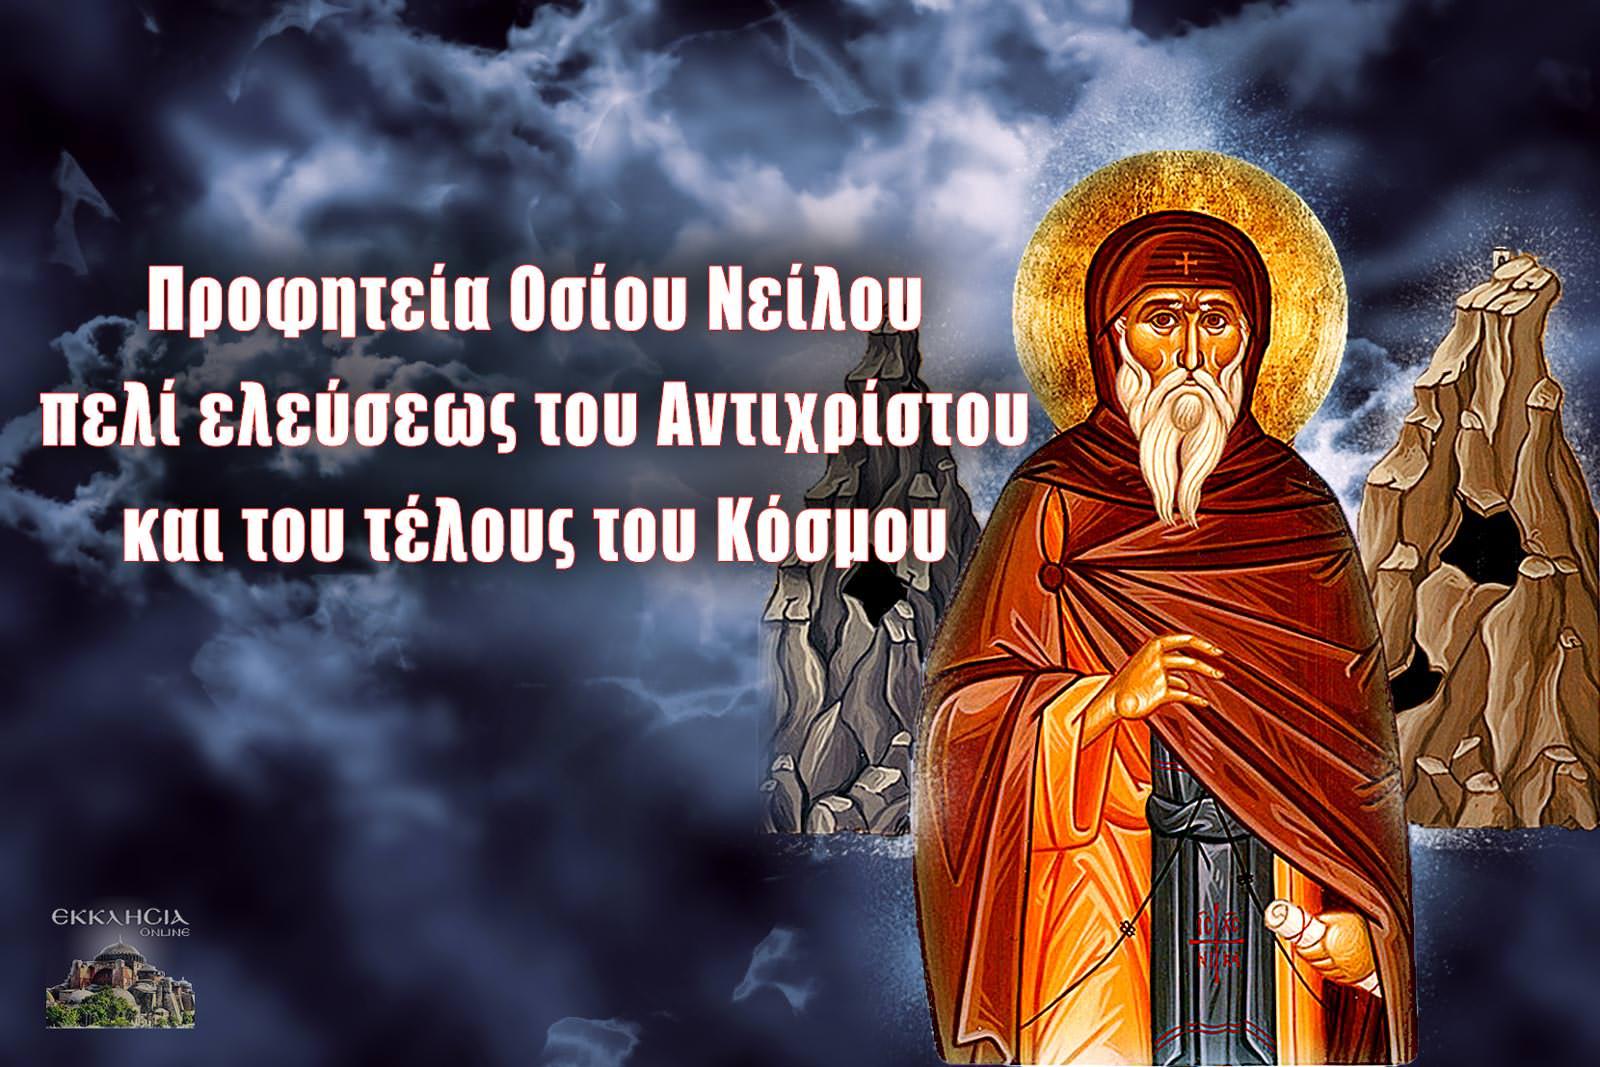 Προφητεία Οσίου Νείλου